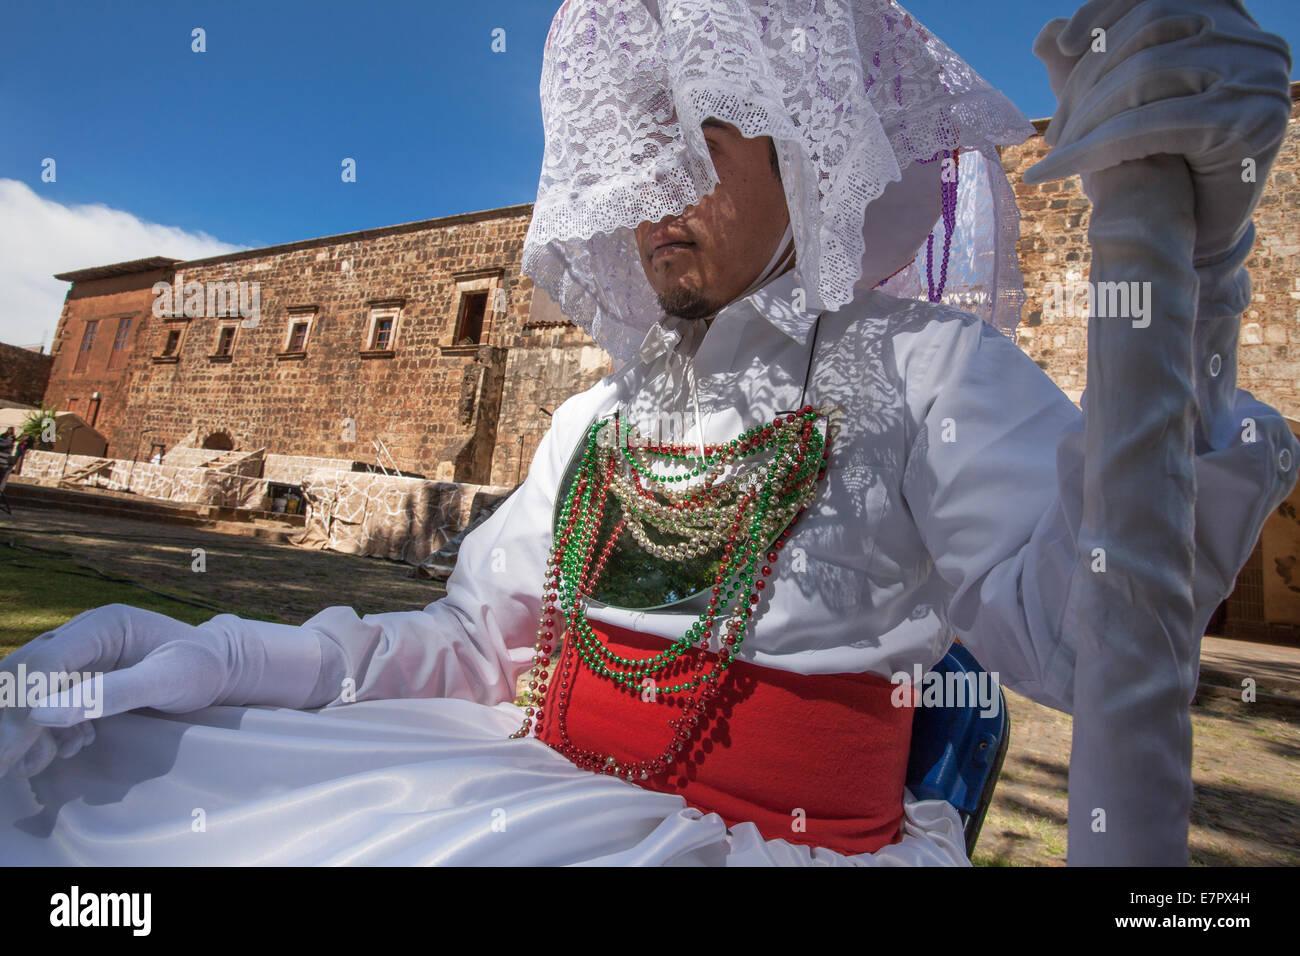 Le caractère de la centurion blanc au cours de la passion play en tzintzuntzan, Michoacan, Mexique. Banque D'Images